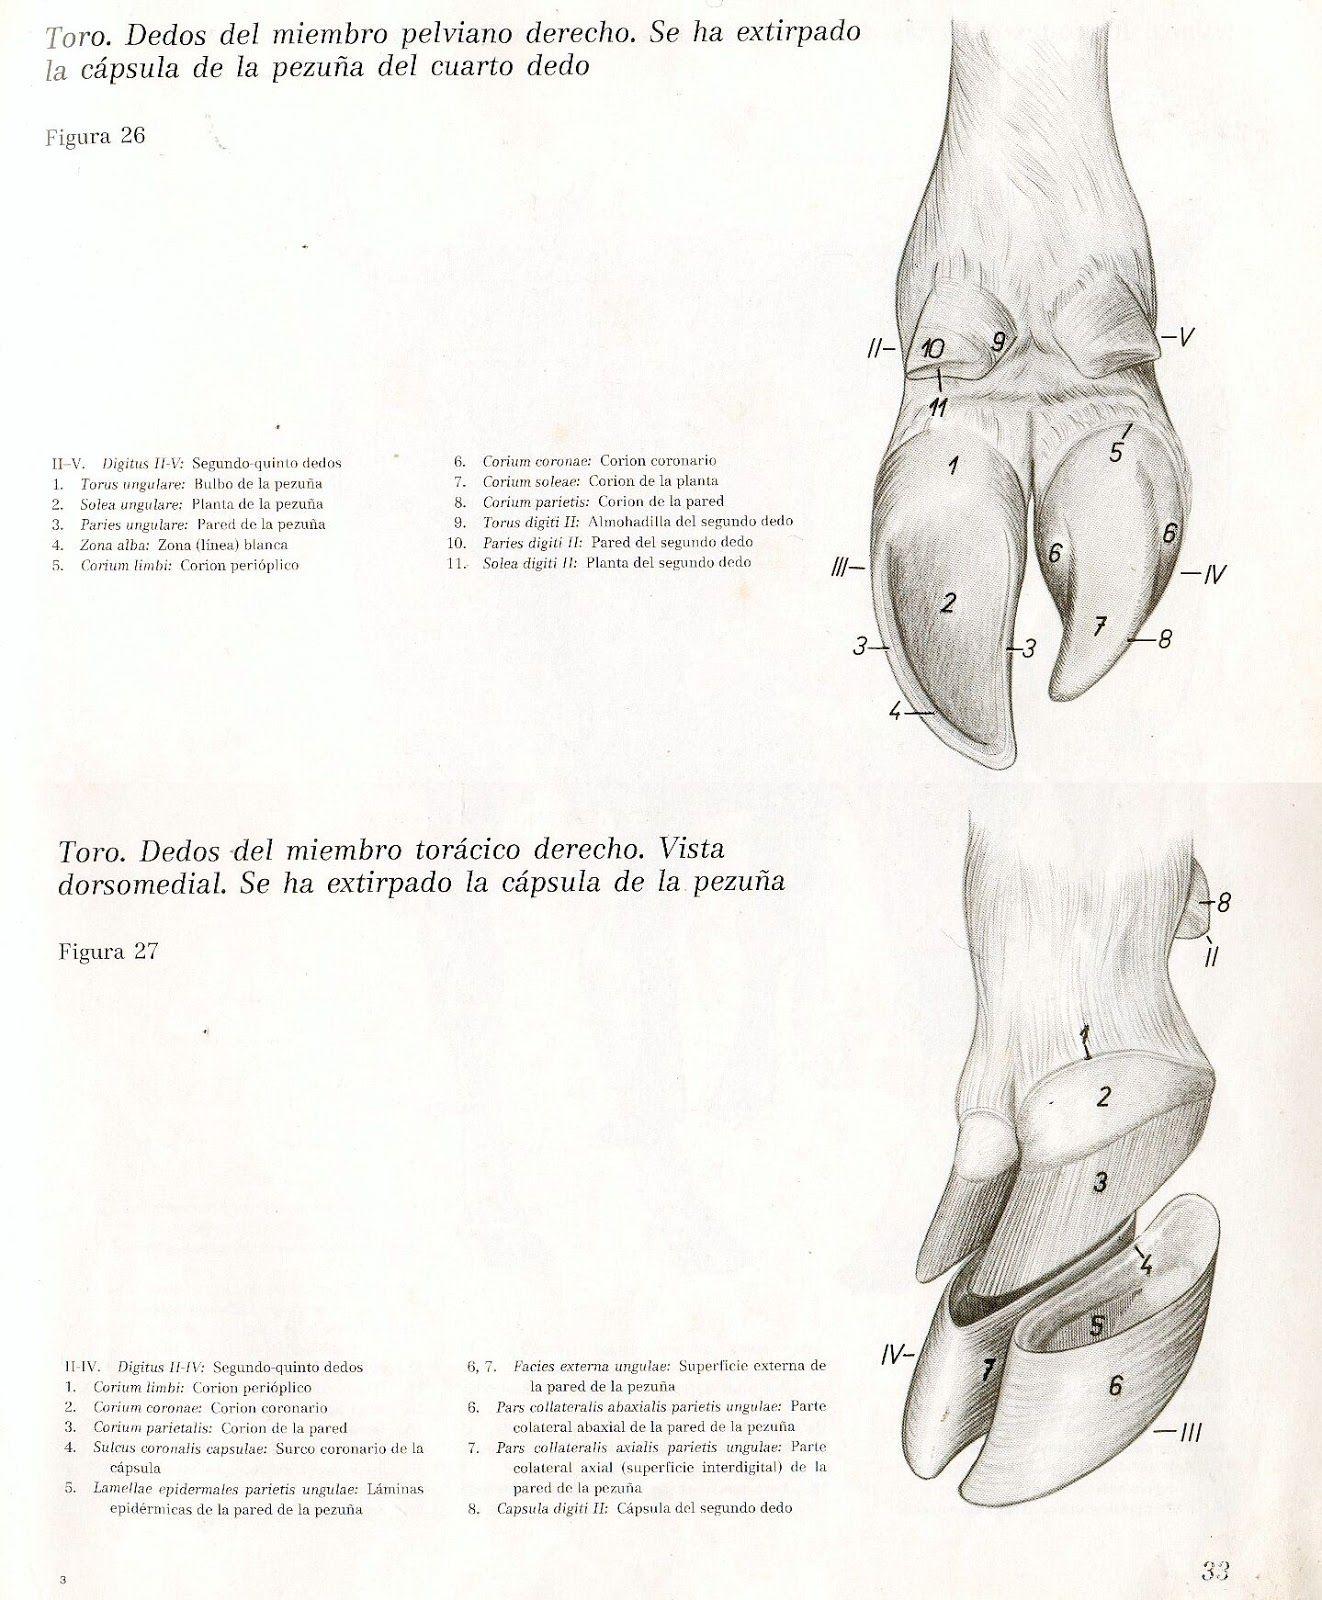 Anatomia Veterinaria: Miembro Pelviano (Toro) | Anato Creature ...